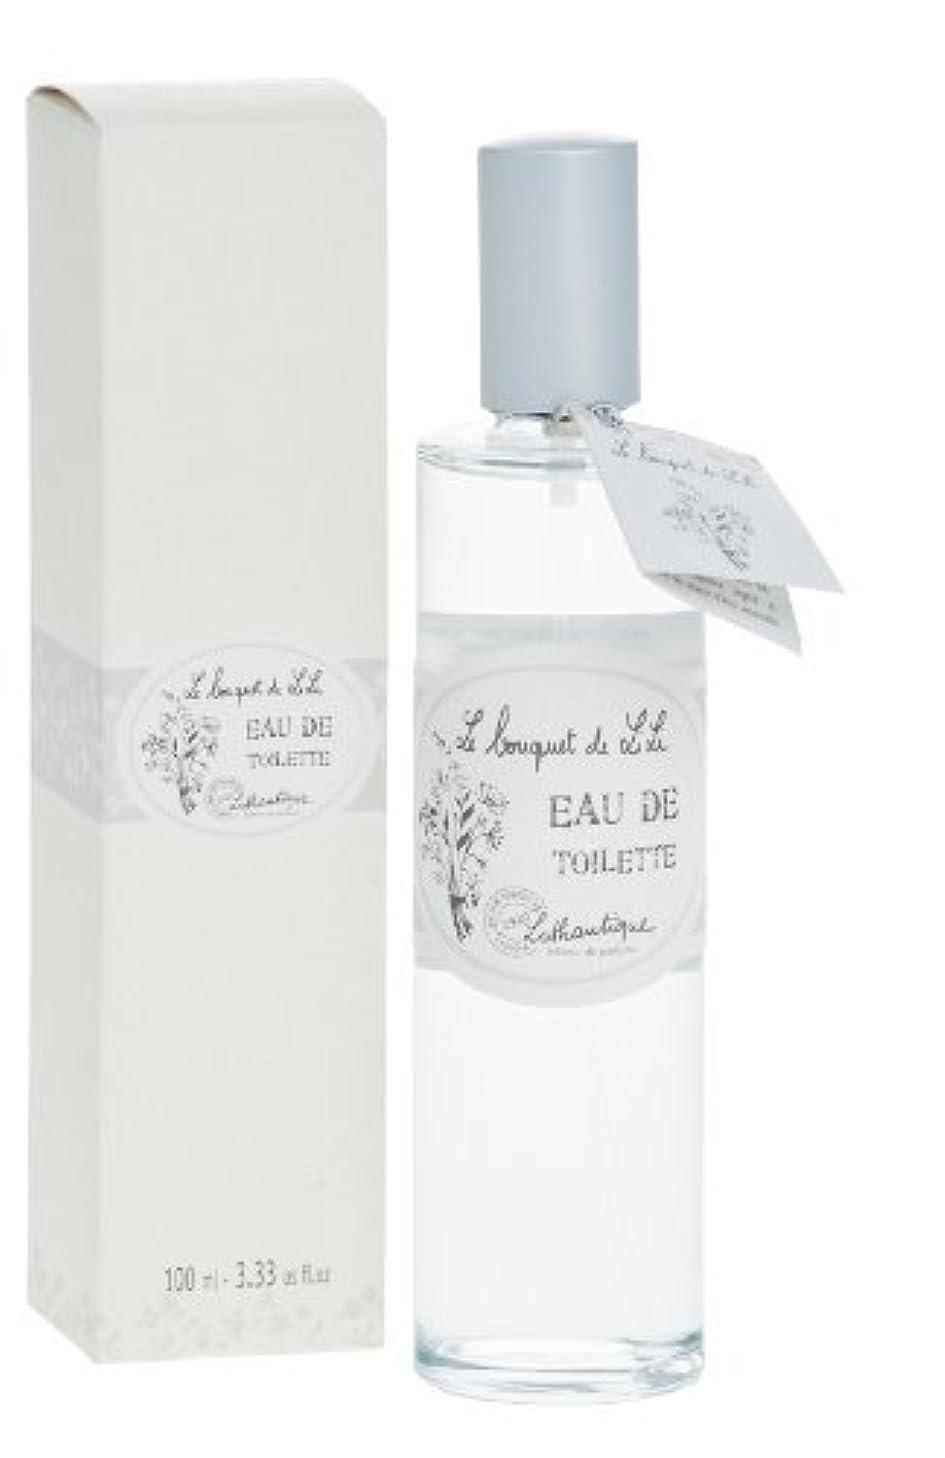 アラームクリップ蝶ボックスLothantique(ロタンティック) Le bouquet de LiLi(ブーケドゥリリシリーズ) オードトワレ 100ml 3420070029003